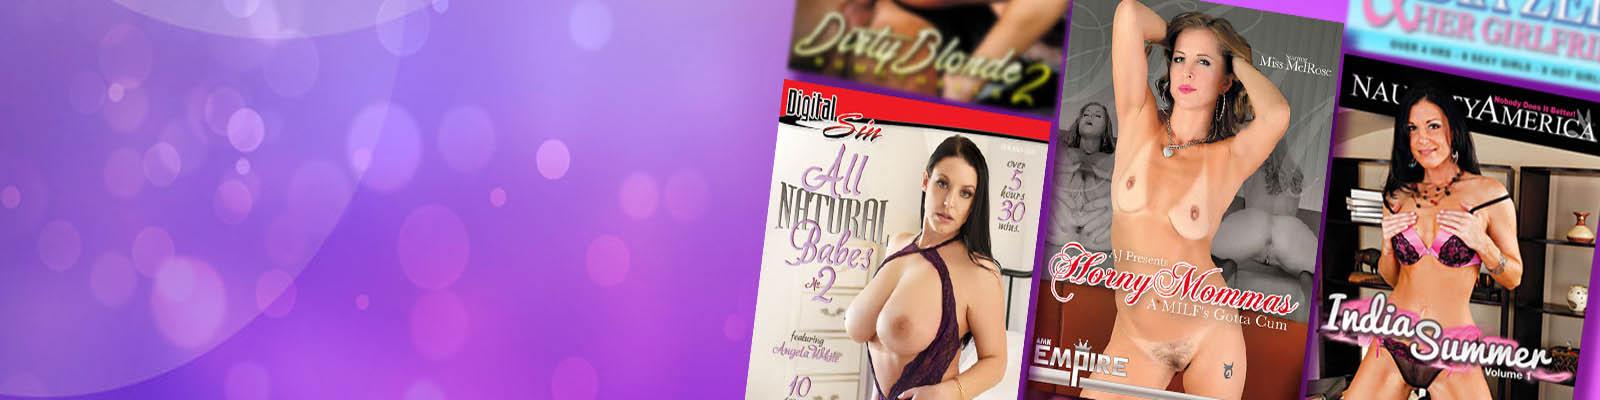 Hottest Pornstars on Adult DVDs